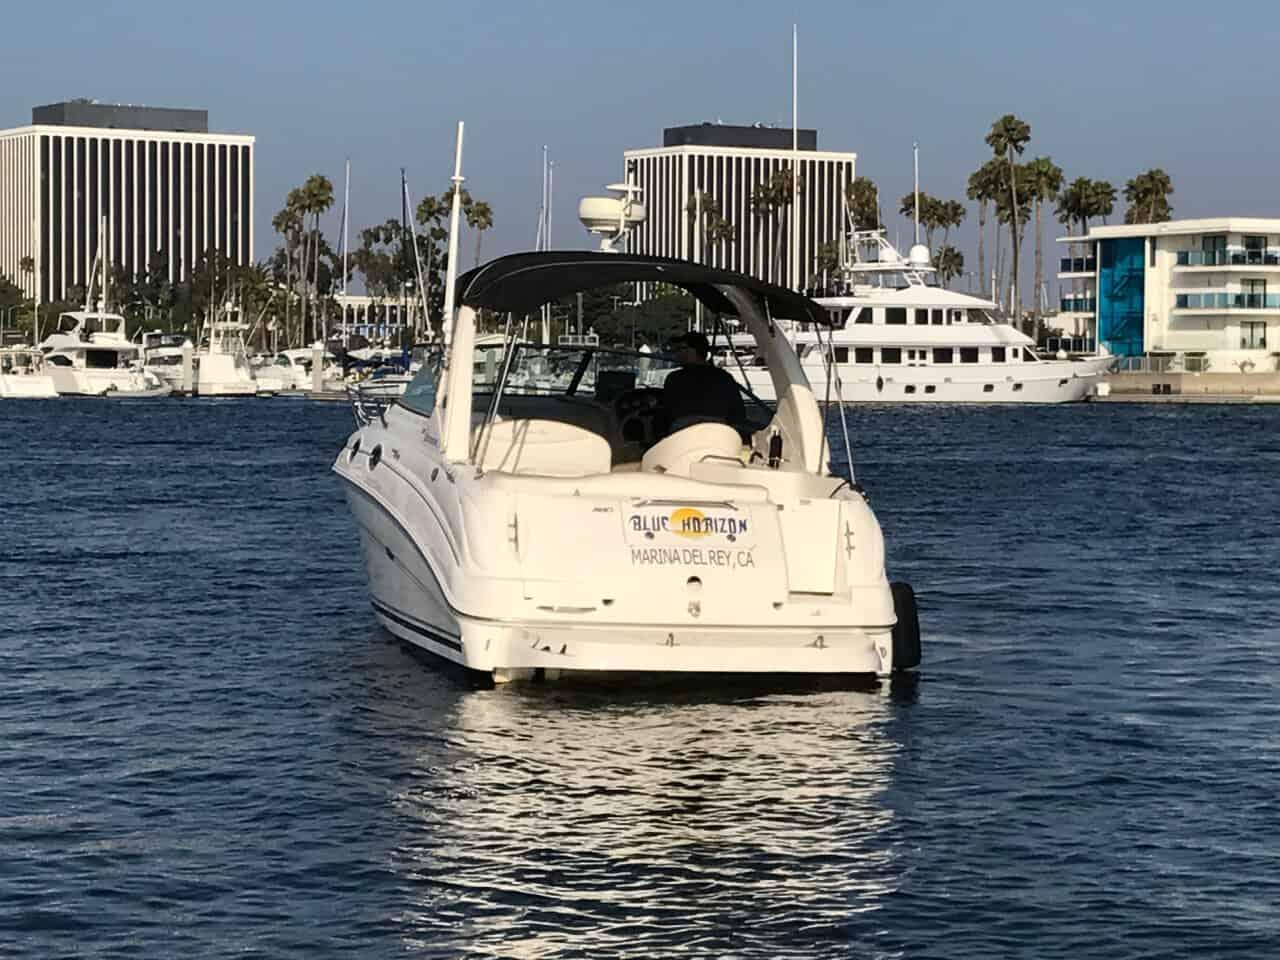 Blue Horizon - Aft - Marina del Rey Tour Boat